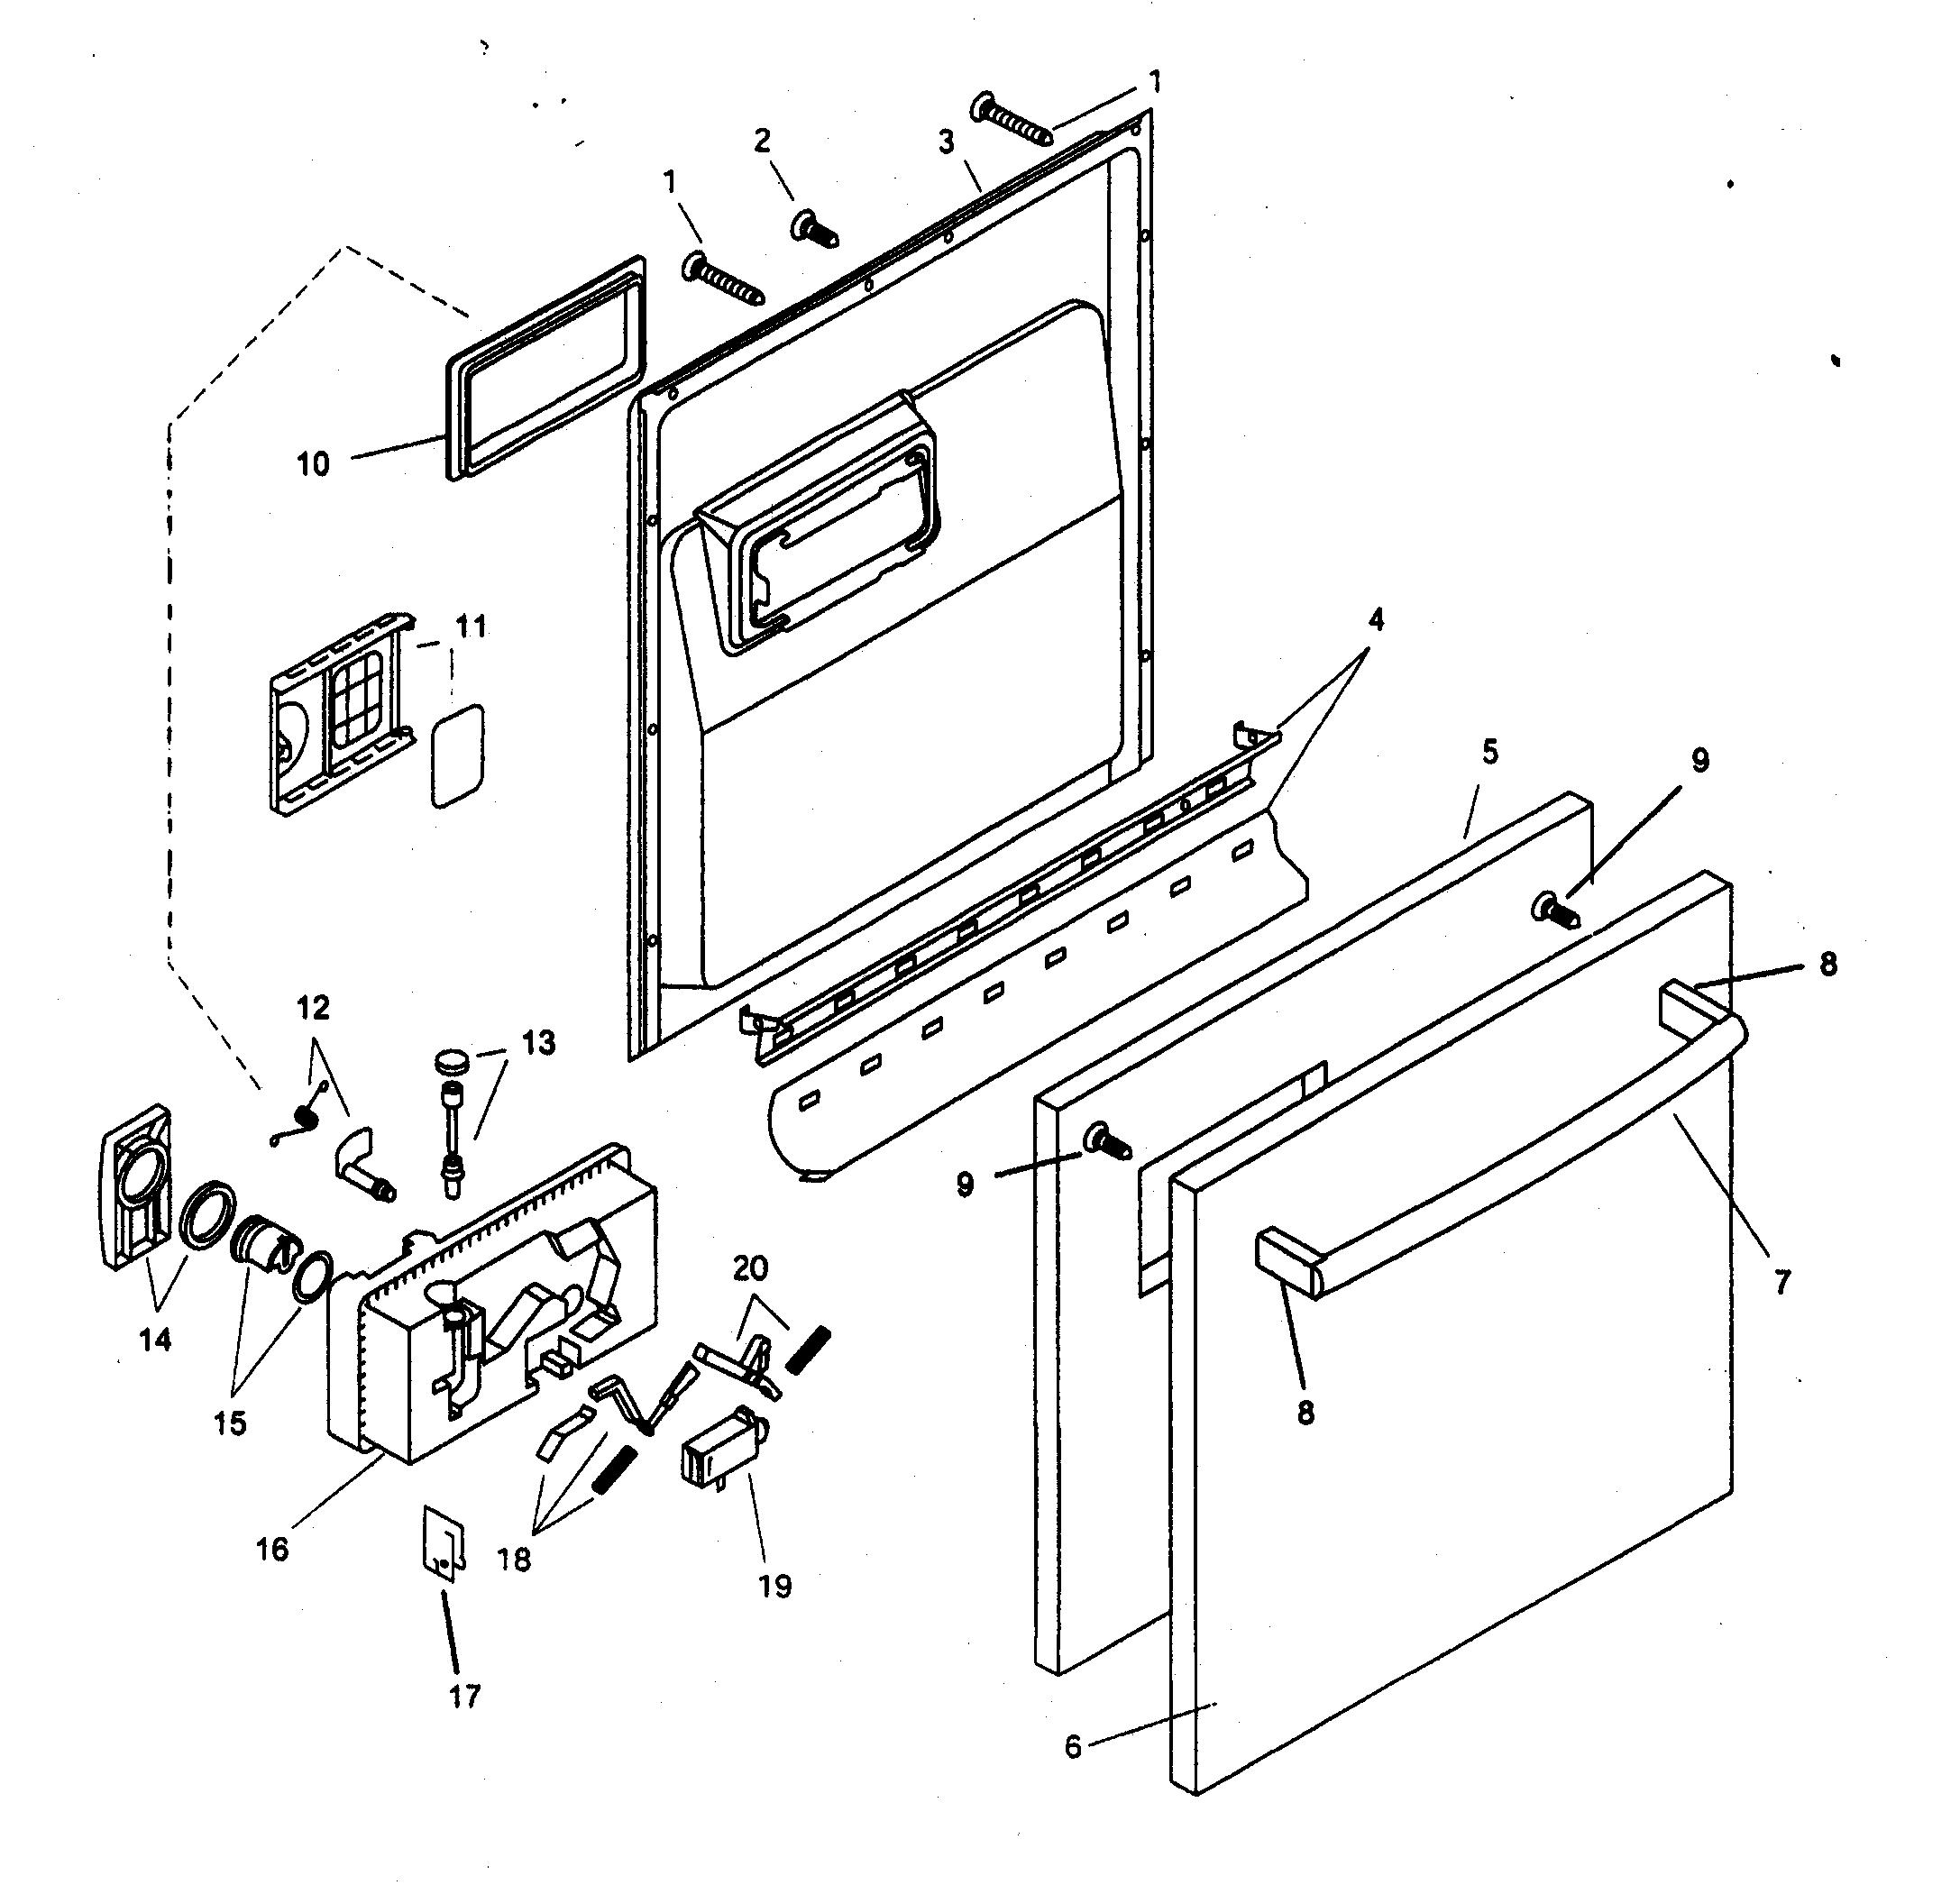 DOOR ASSY Diagram & Parts List for Model SHX46A06UC14